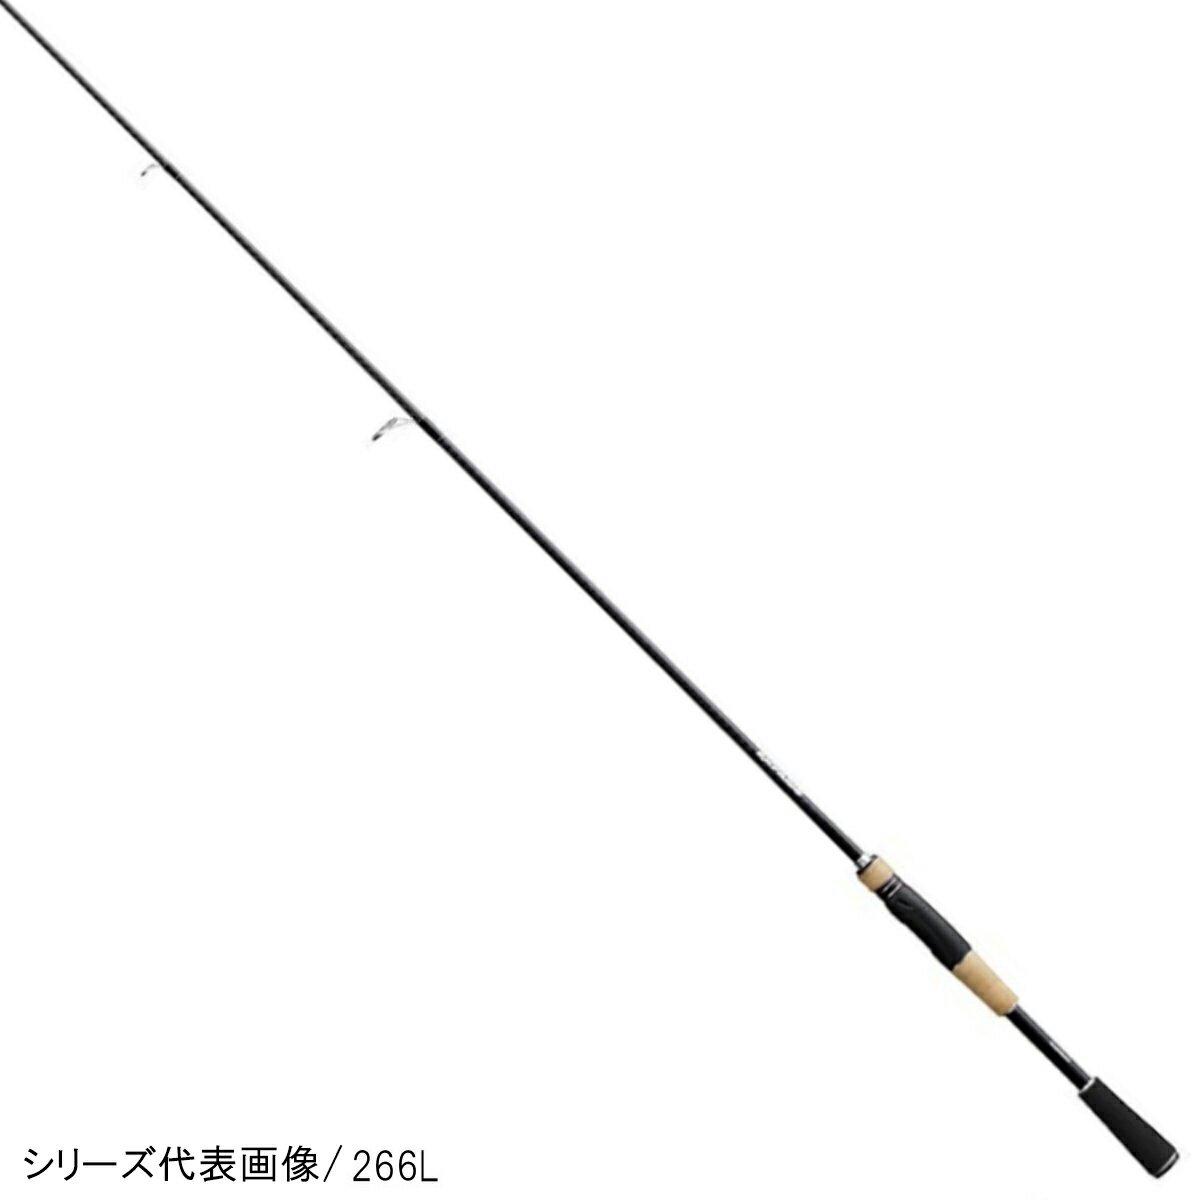 シマノ エクスプライド 264UL【大型商品】(東日本店)